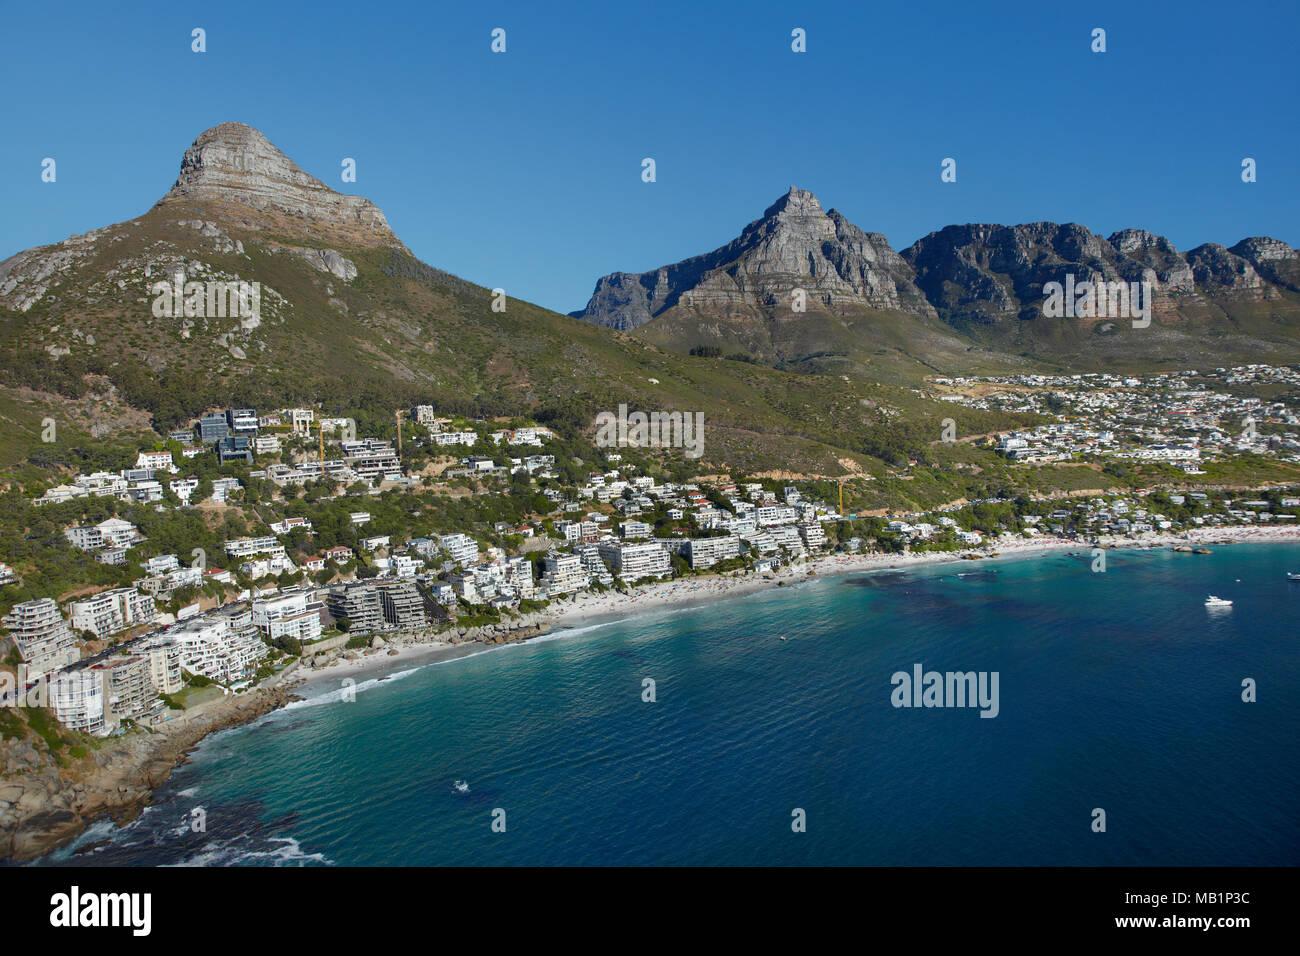 Appartements de luxe, Clifton Beach, tête de lion, et Table Mountain, Cape Town, Afrique du Sud - vue aérienne Banque D'Images